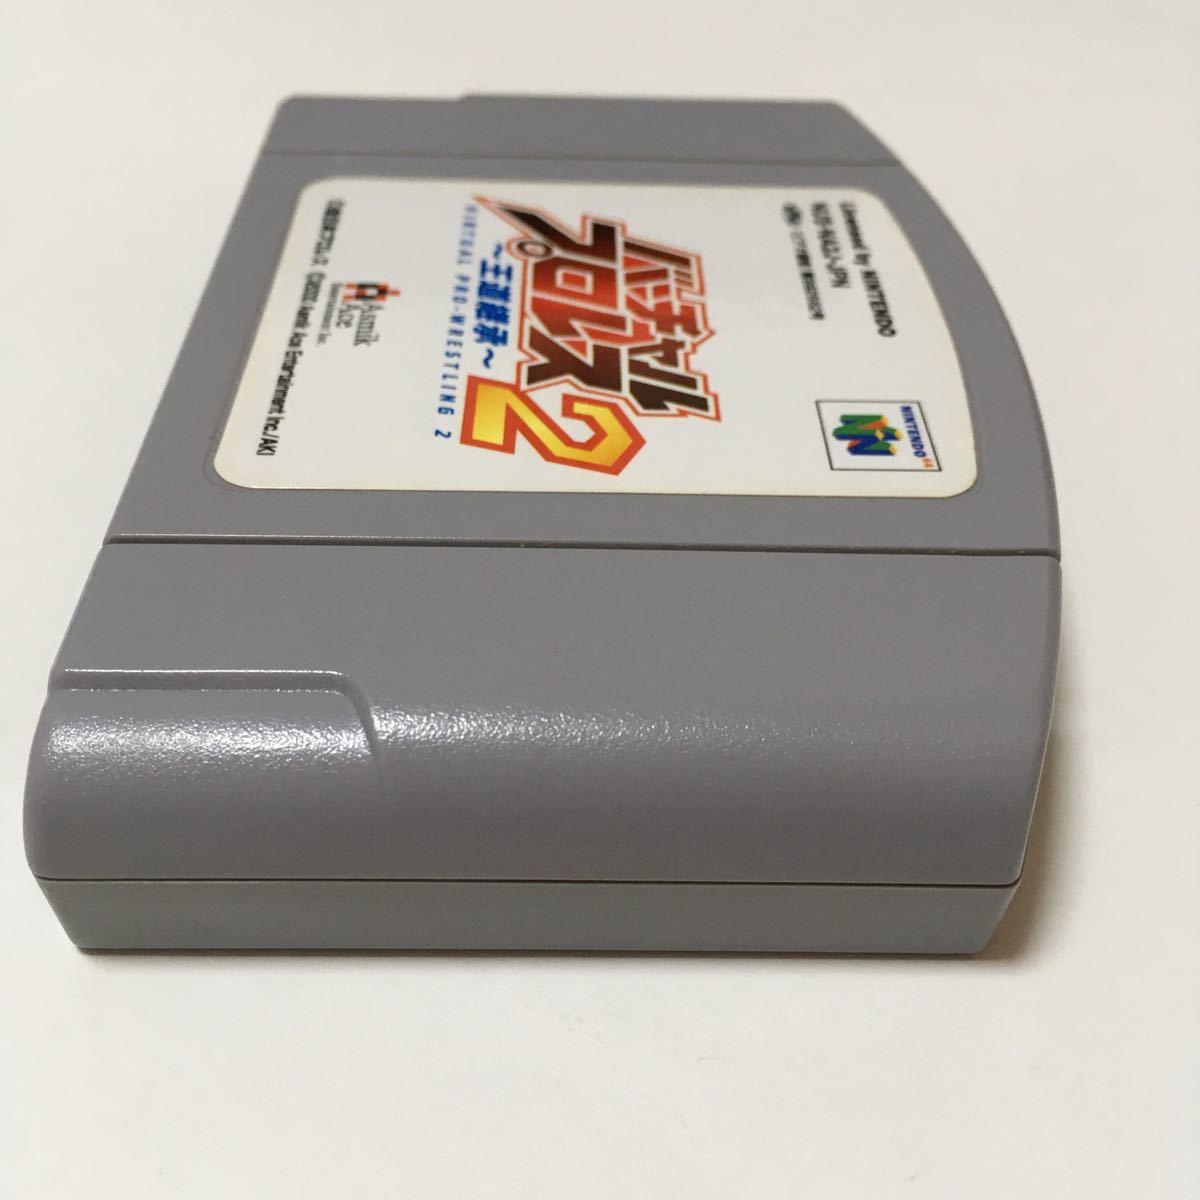 ニンテンドー64  ソフト バーチャルプロレス2 王道継承 動作確認済み 全日本プロレス レトロ ゲーム スポーツ 任天堂 ビデオ